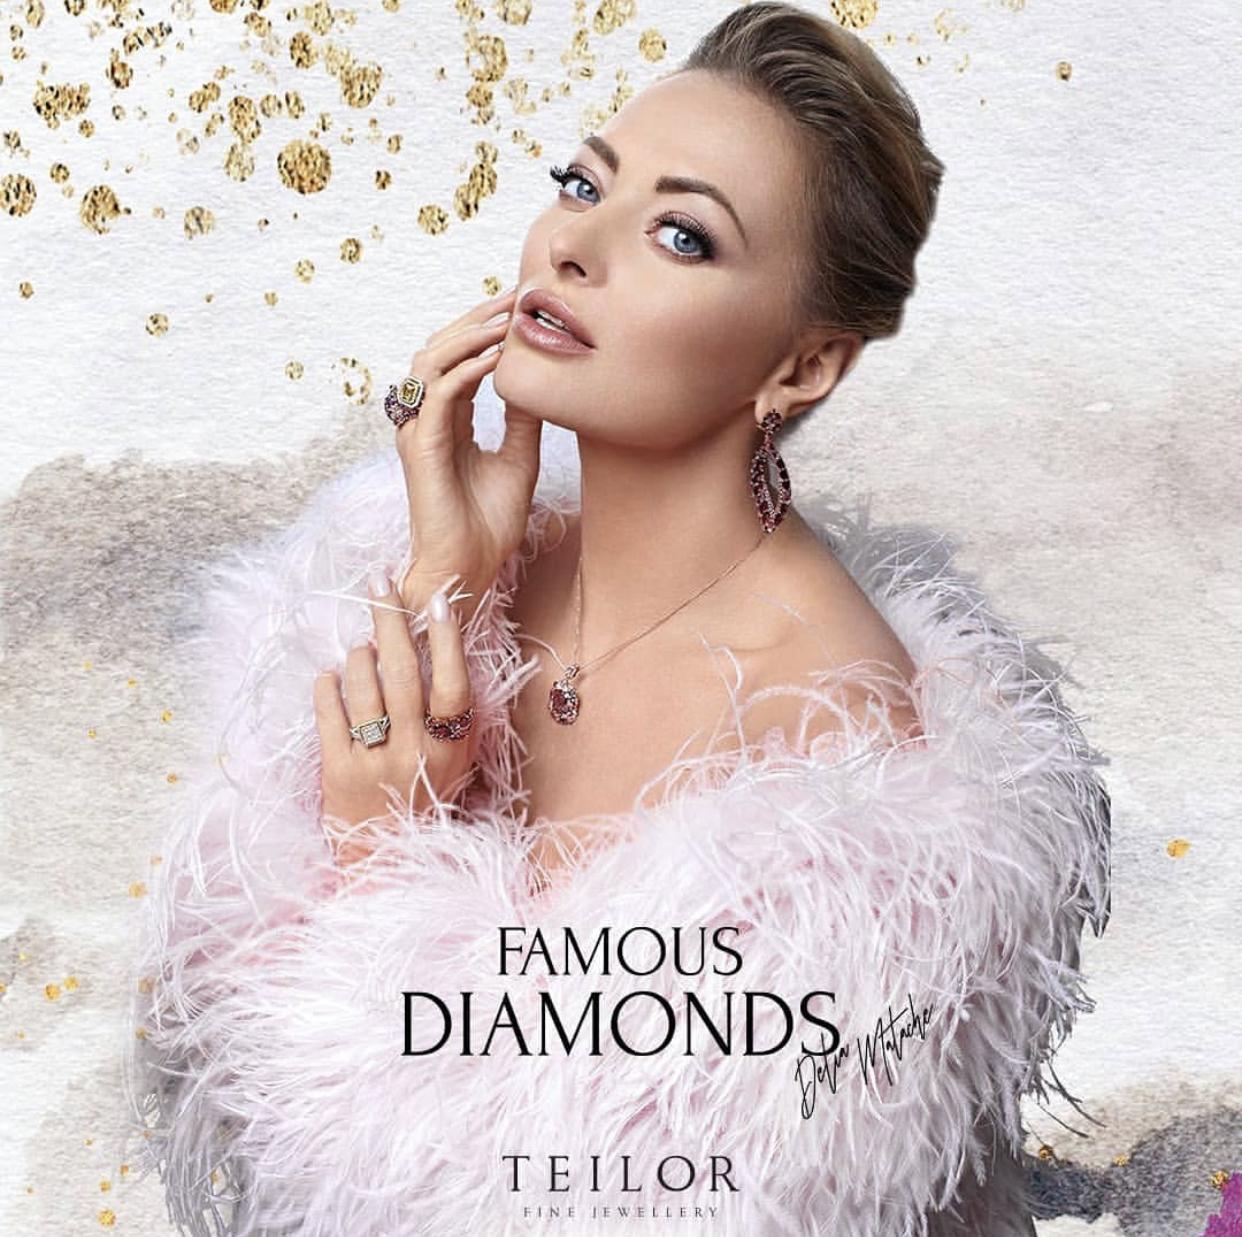 Teilor Diamonds Winter Campaign_12